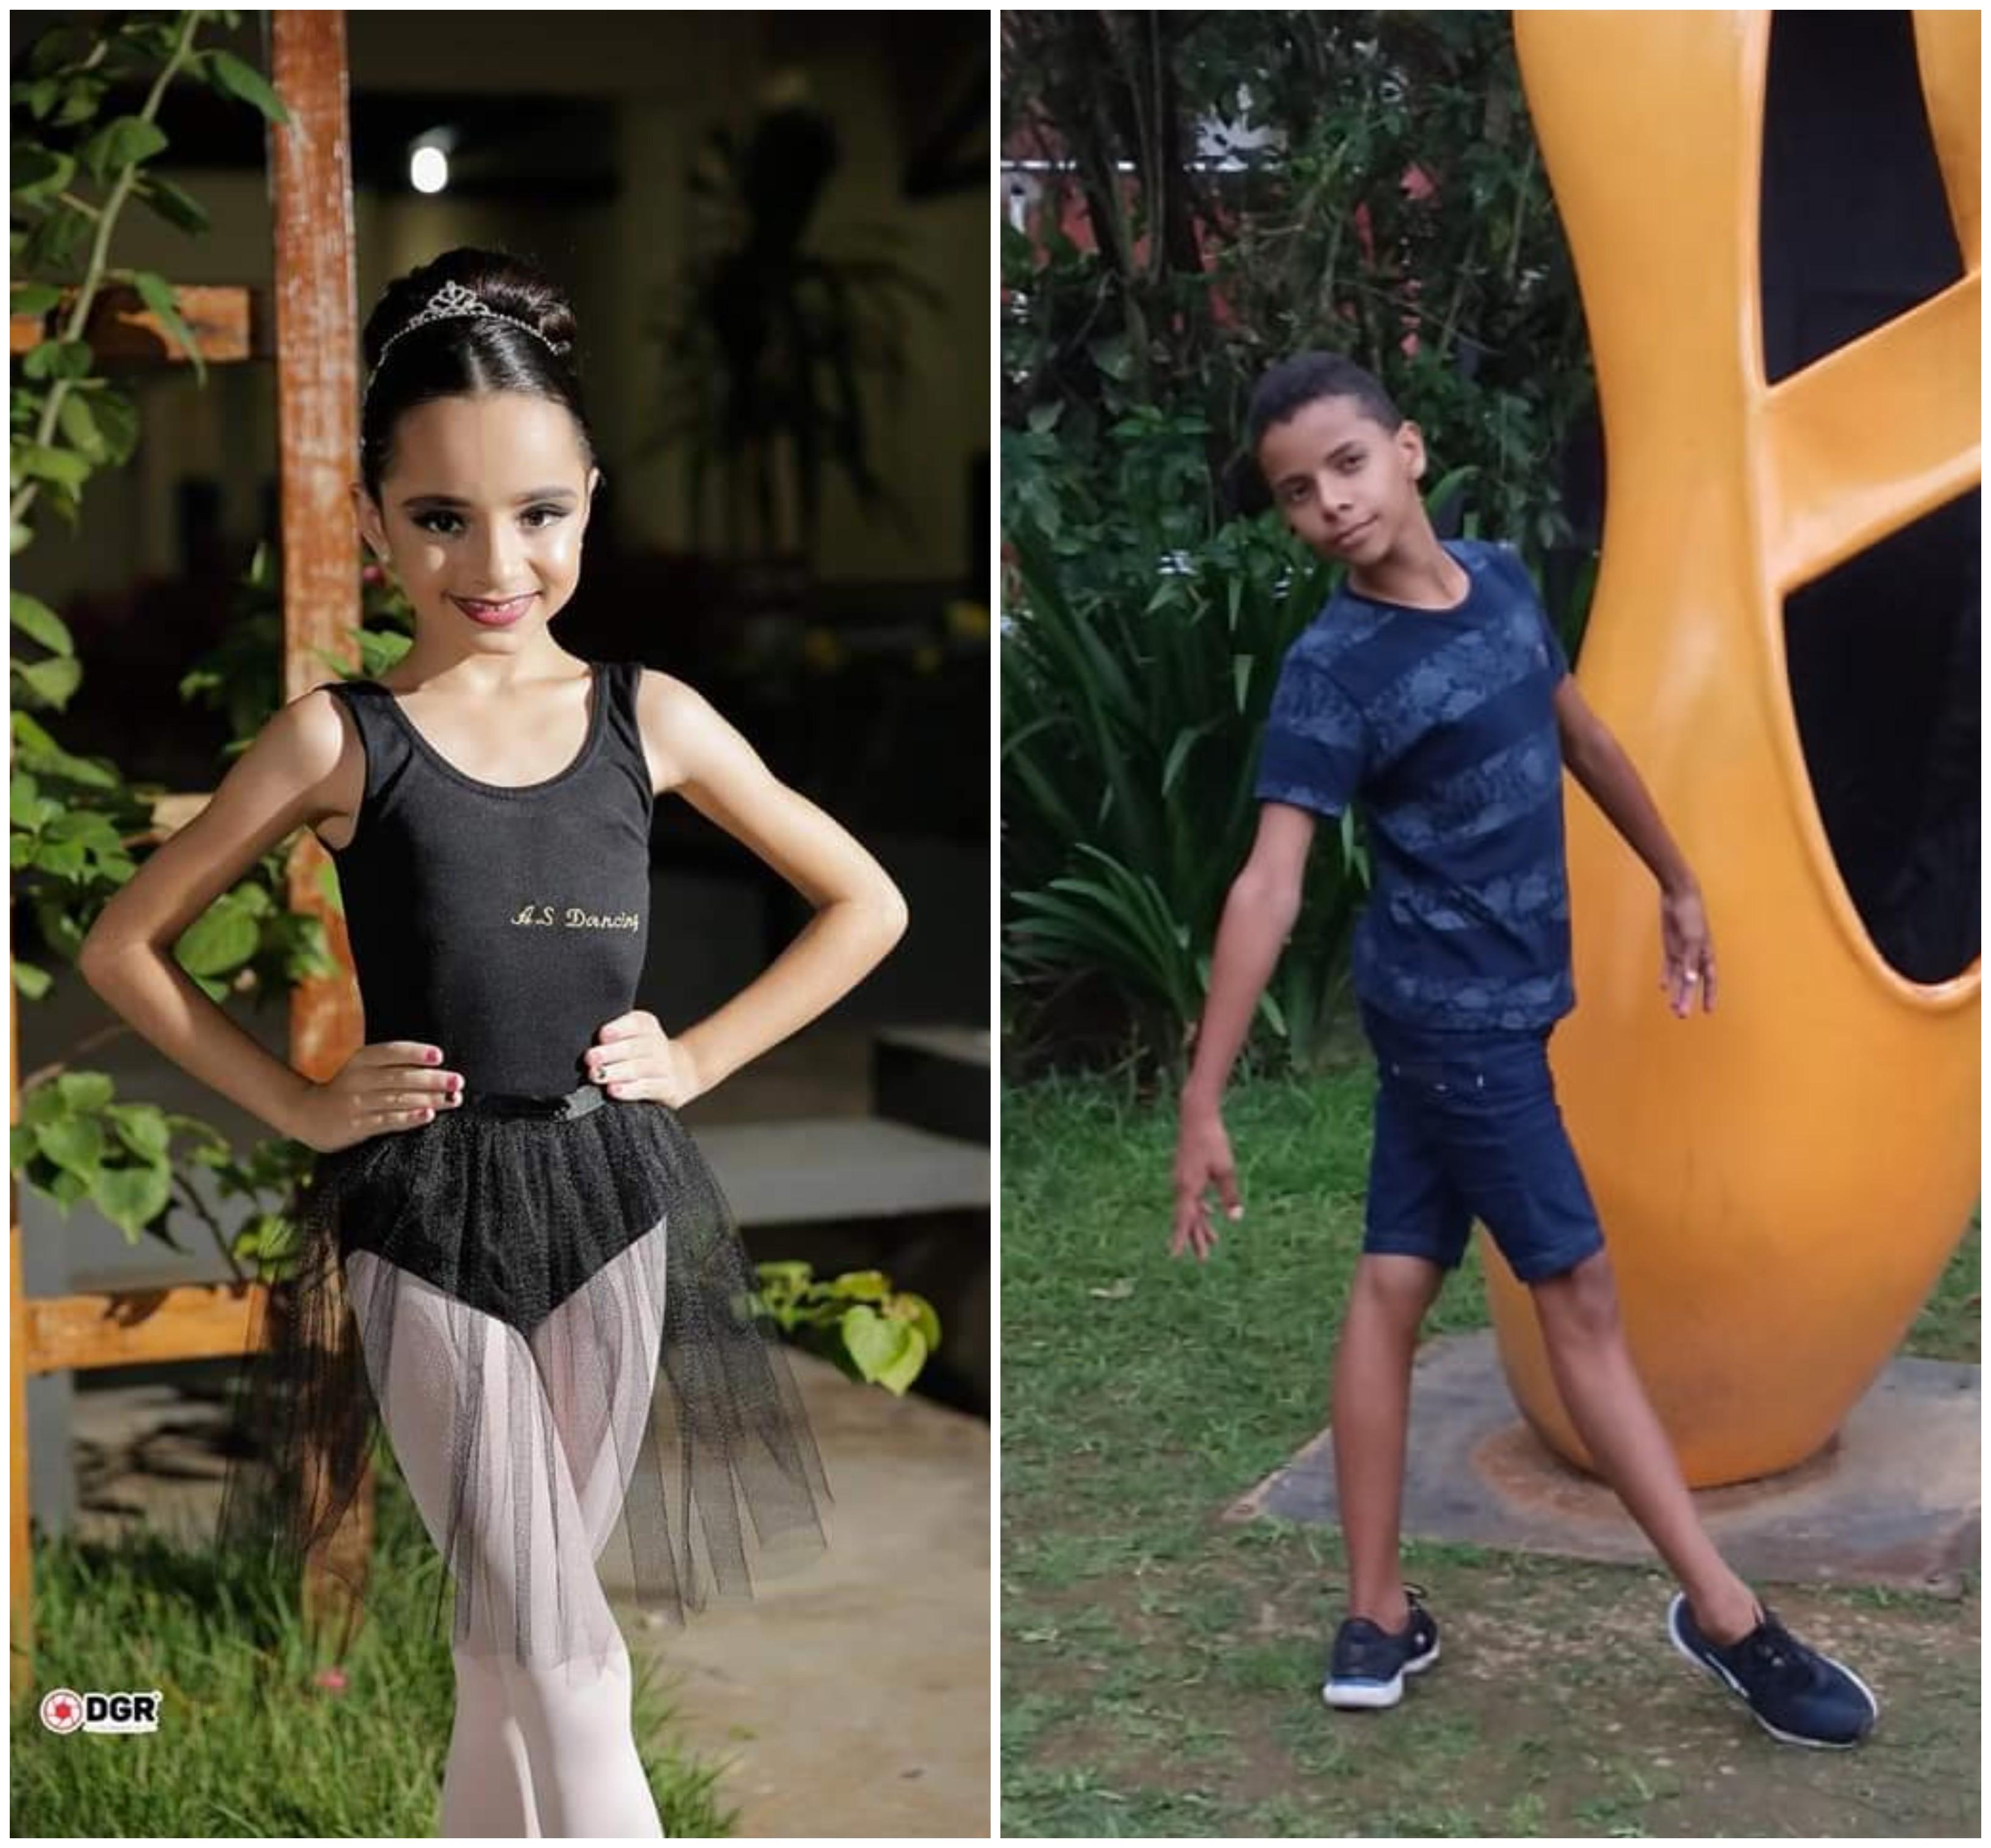 Bailarinos do Maranhão são aprovados na seleção da escola de balé Bolshoi - Notícias - Plantão Diário